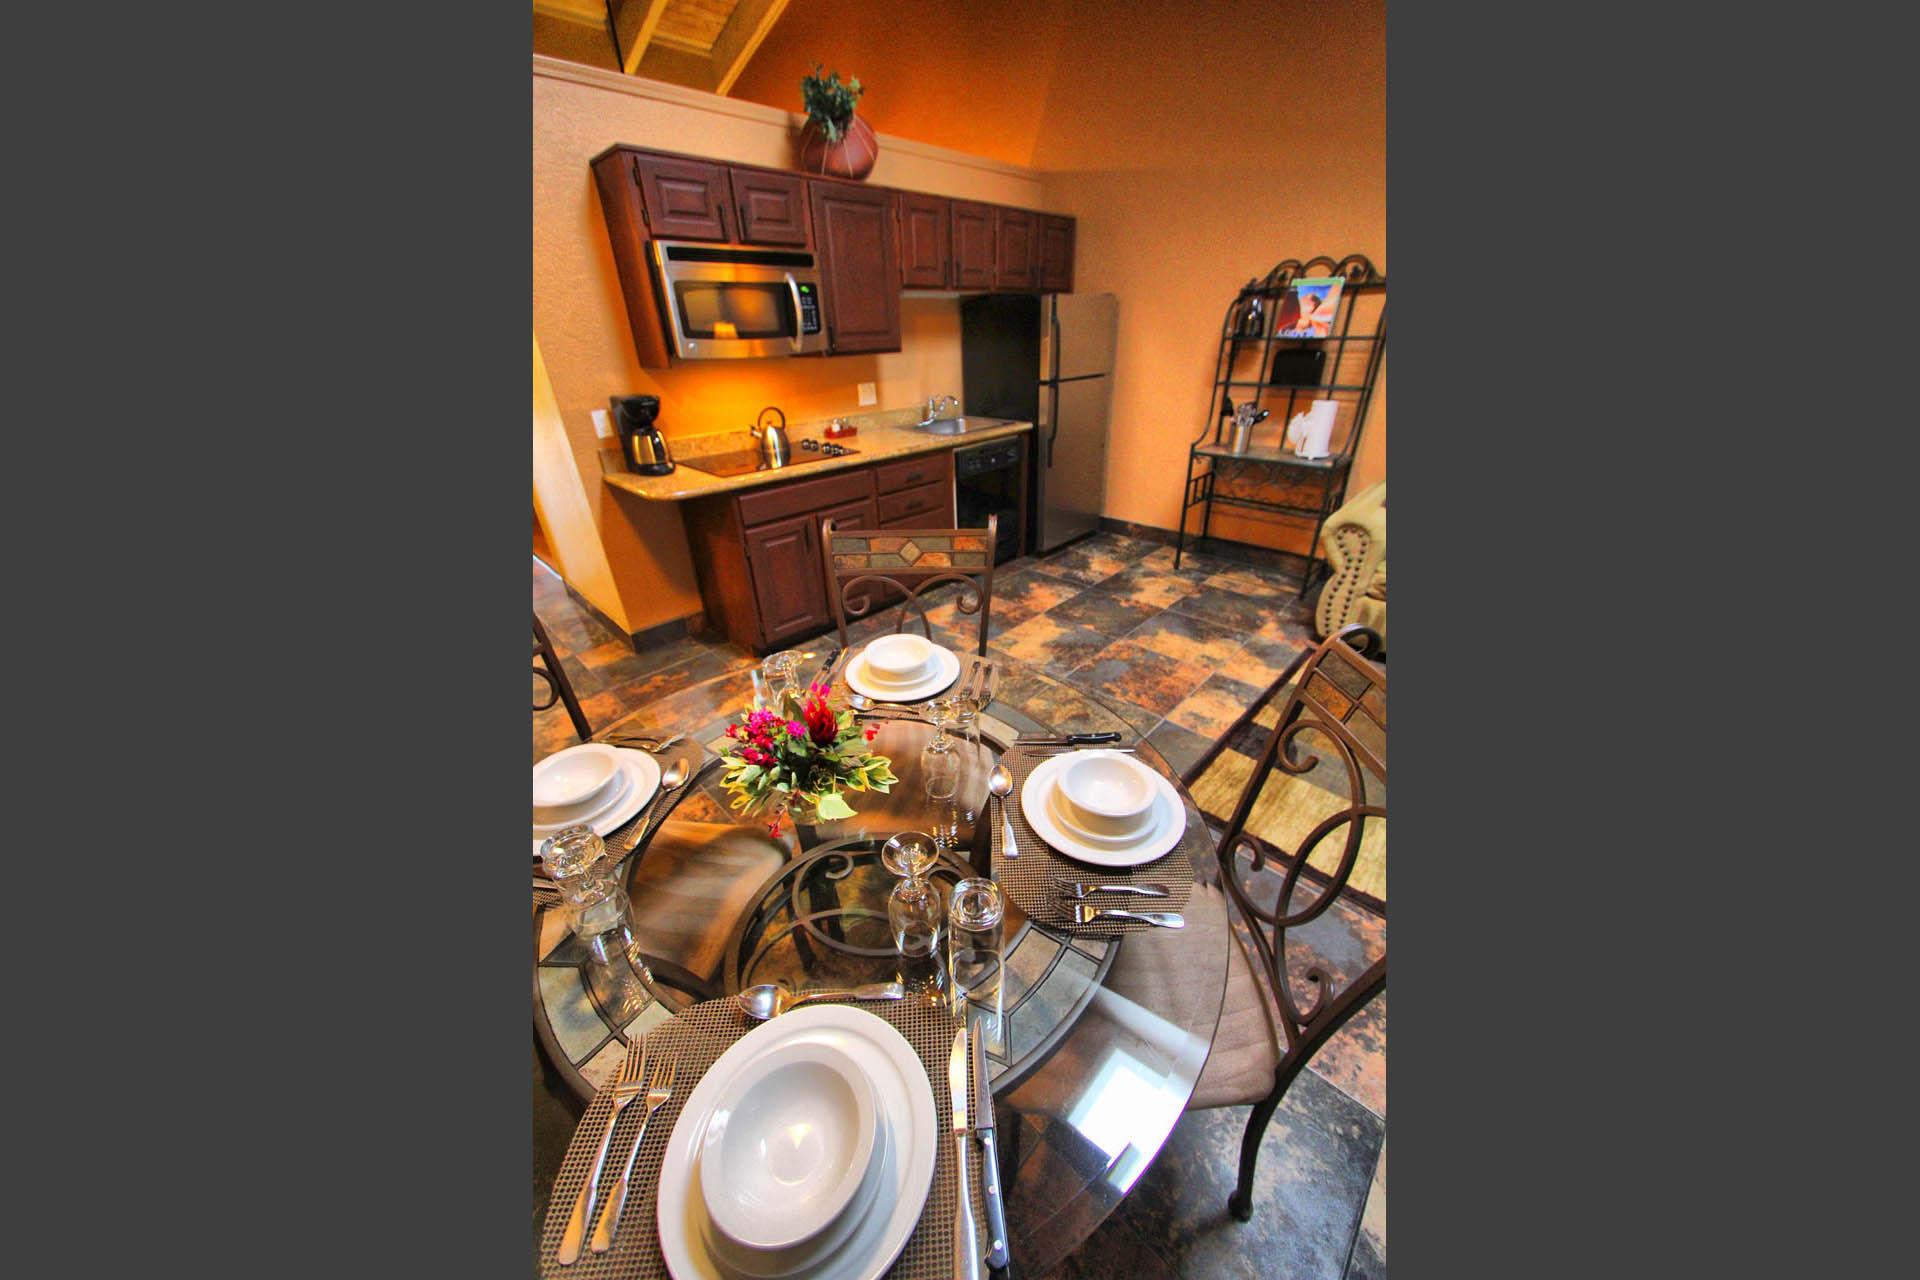 Villas At Poco Diablo Kitchen